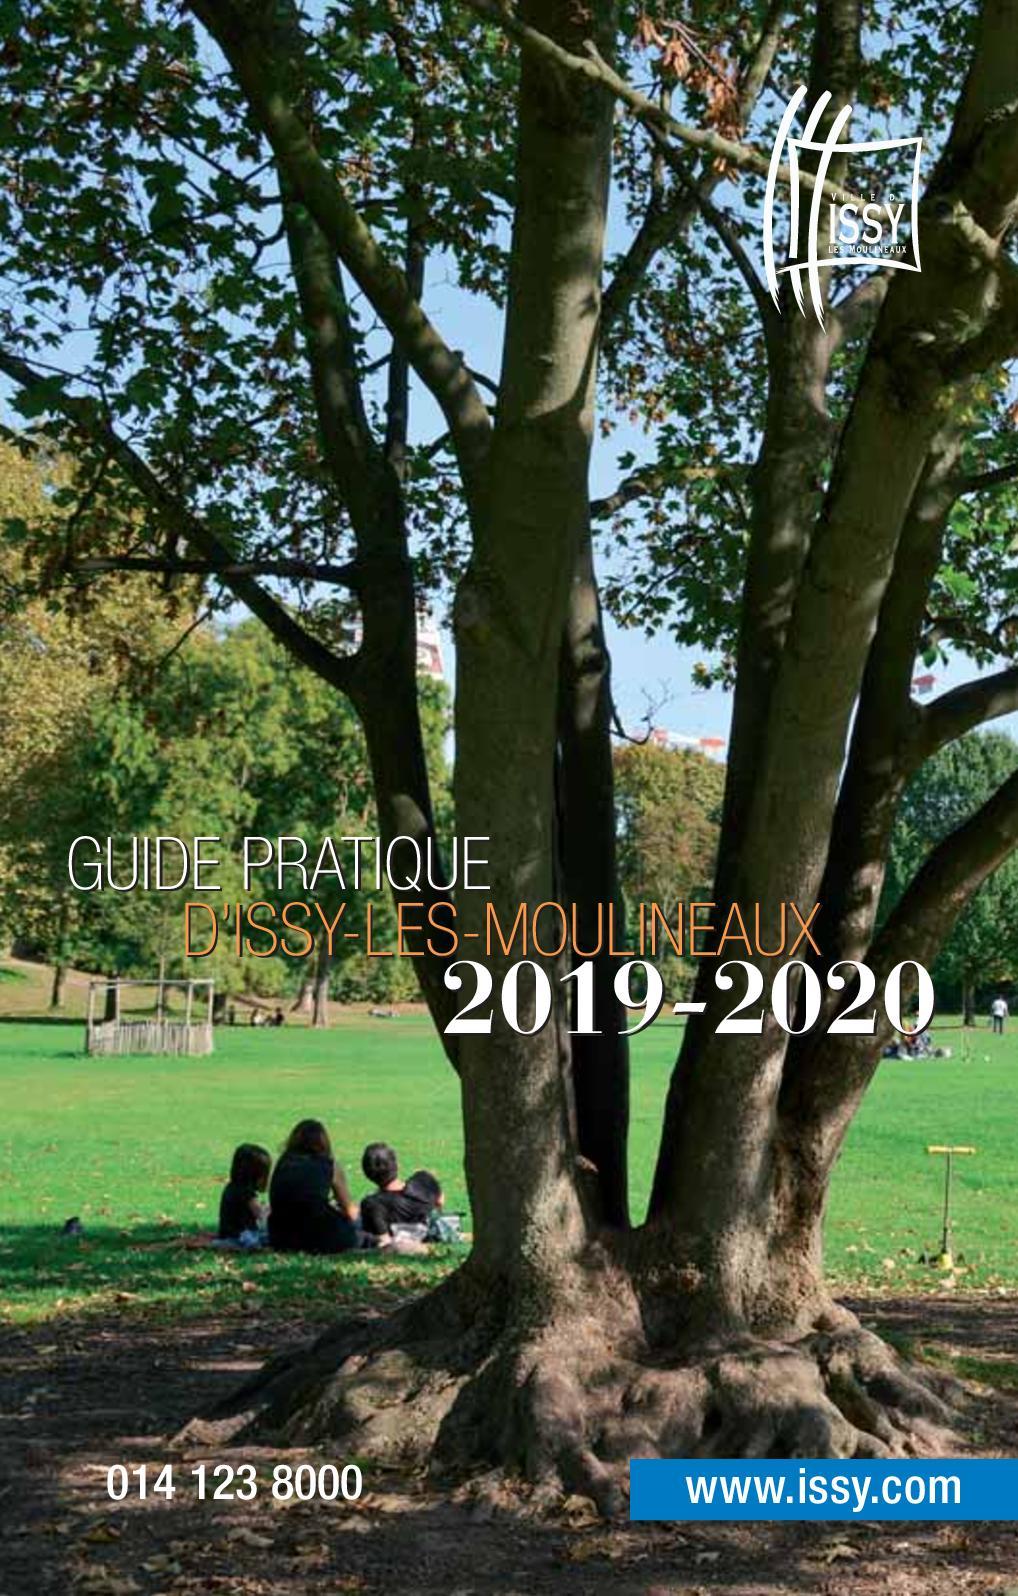 Calaméo Guide Pratique 2019 2020